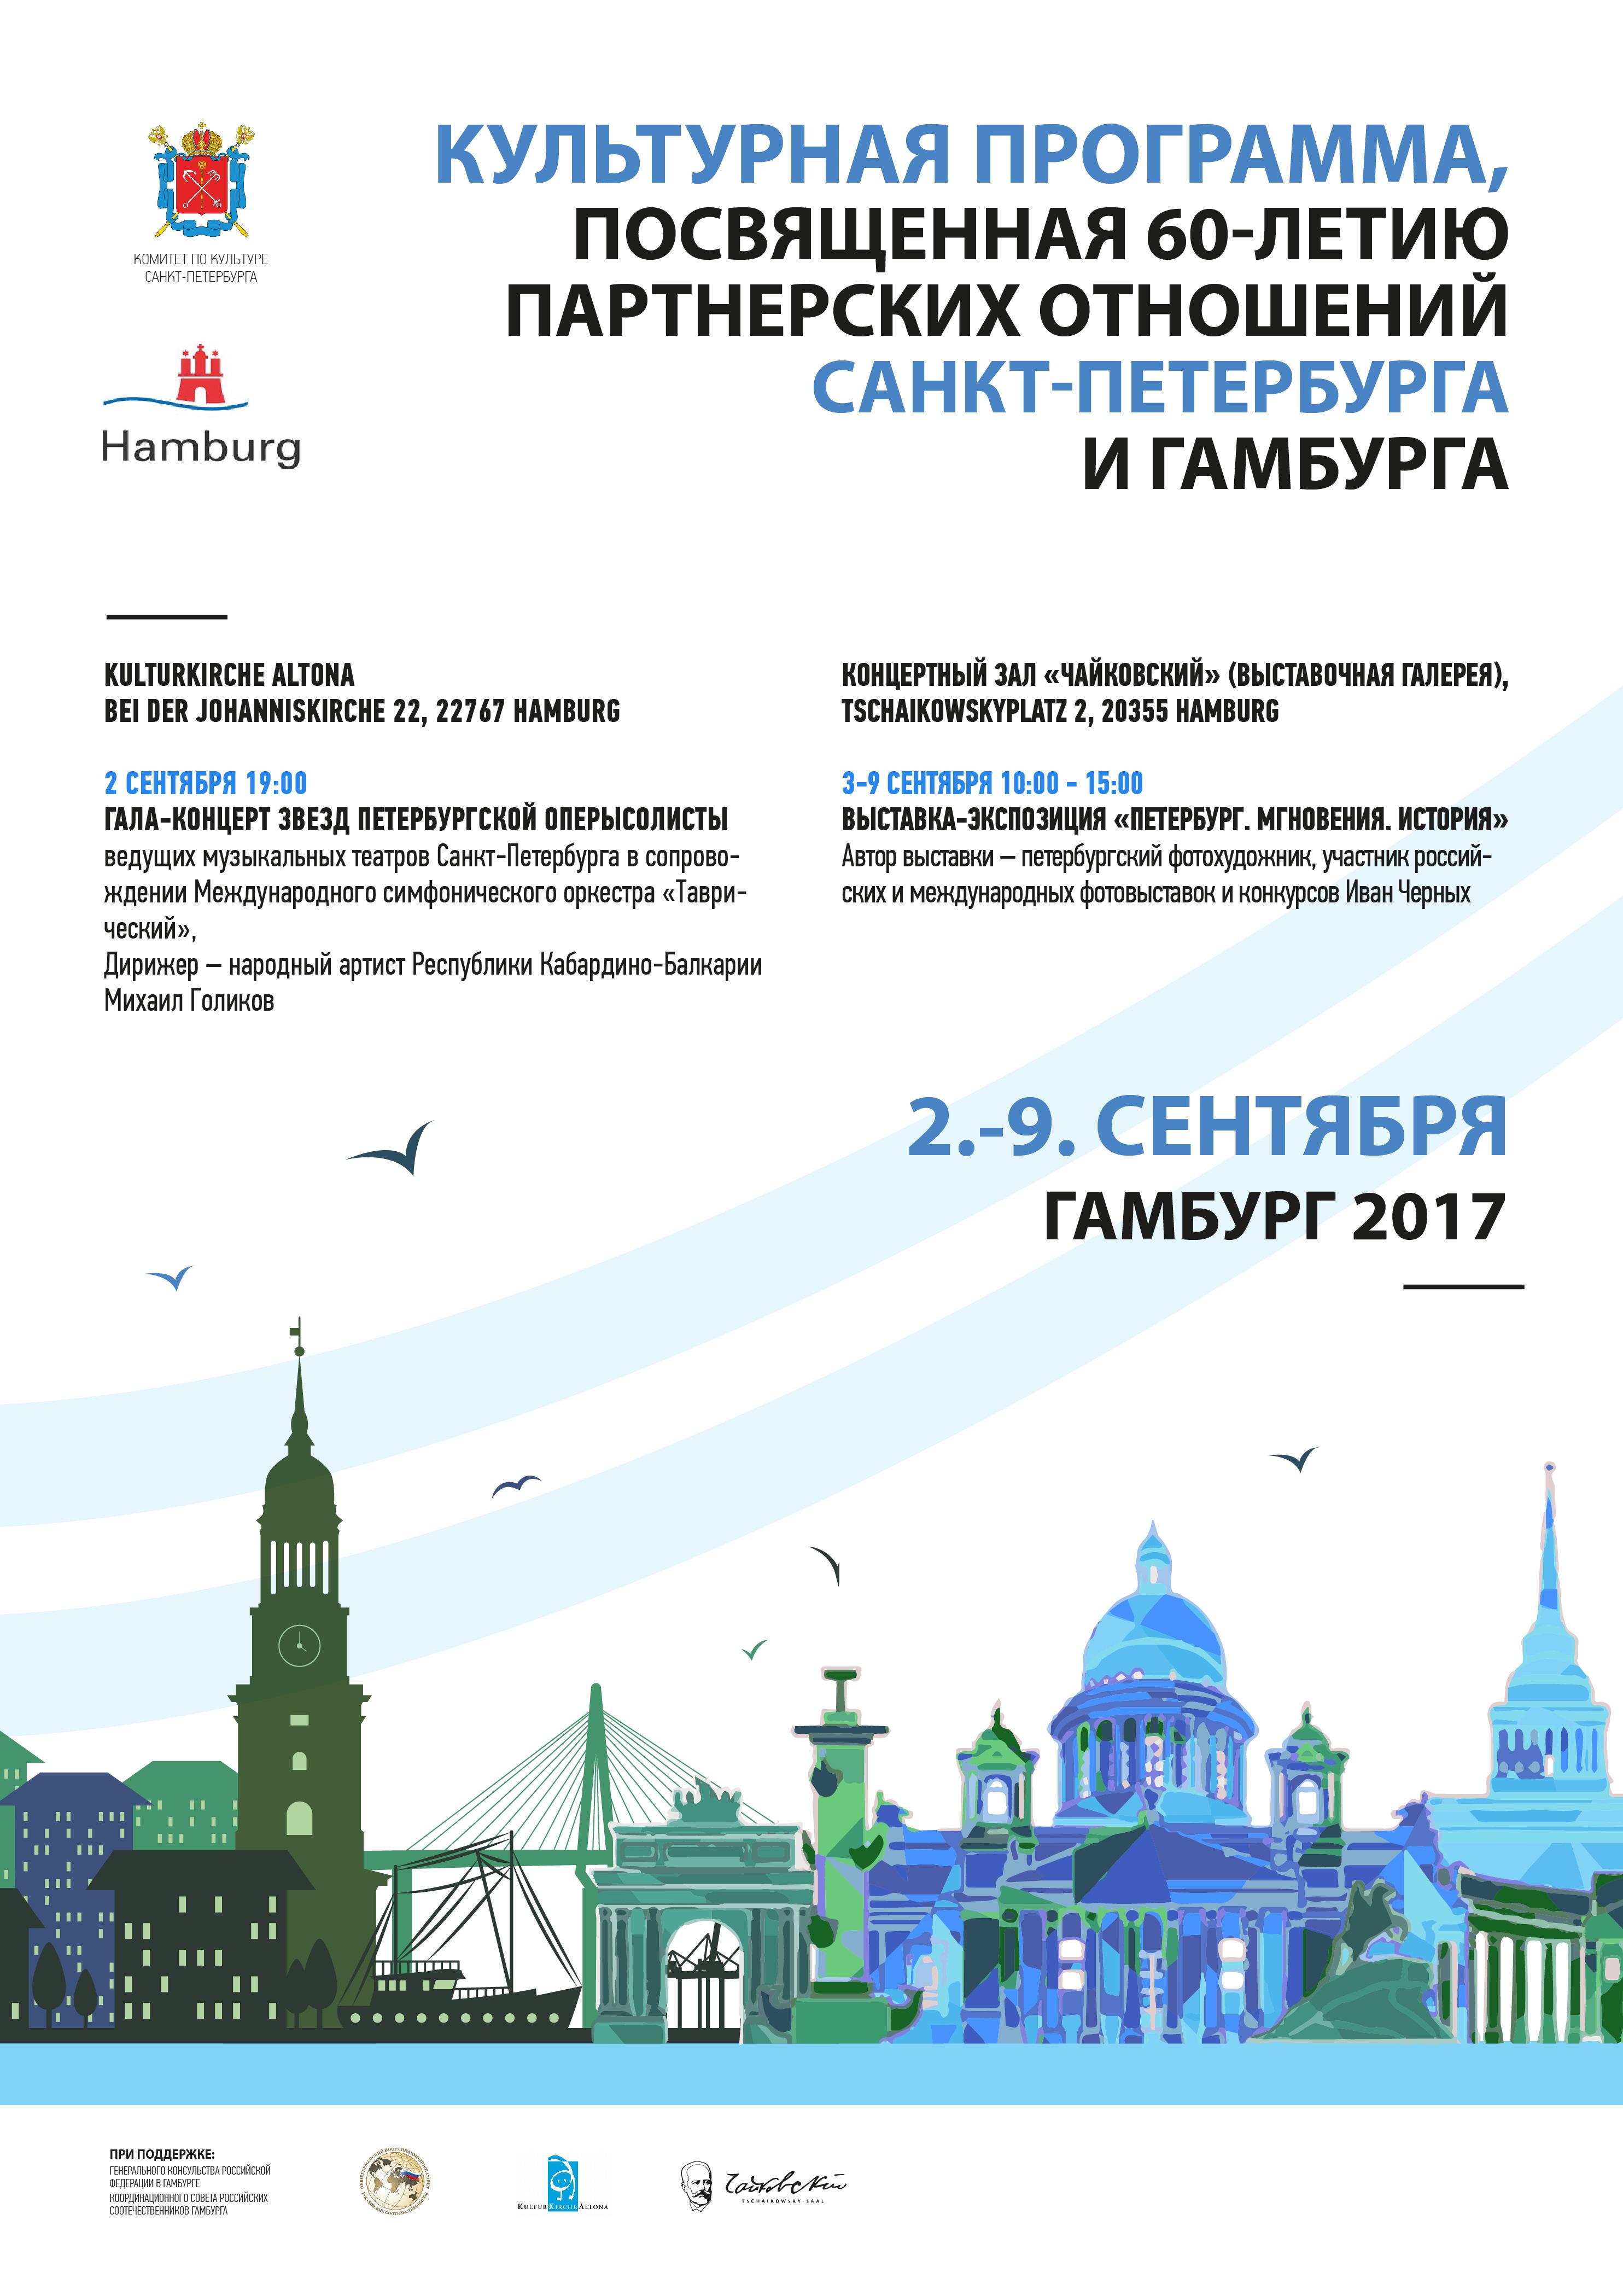 Культурная программа, посвященная 60-летию установления побратимских связей  Санкт-Петербурга и Гамбурга